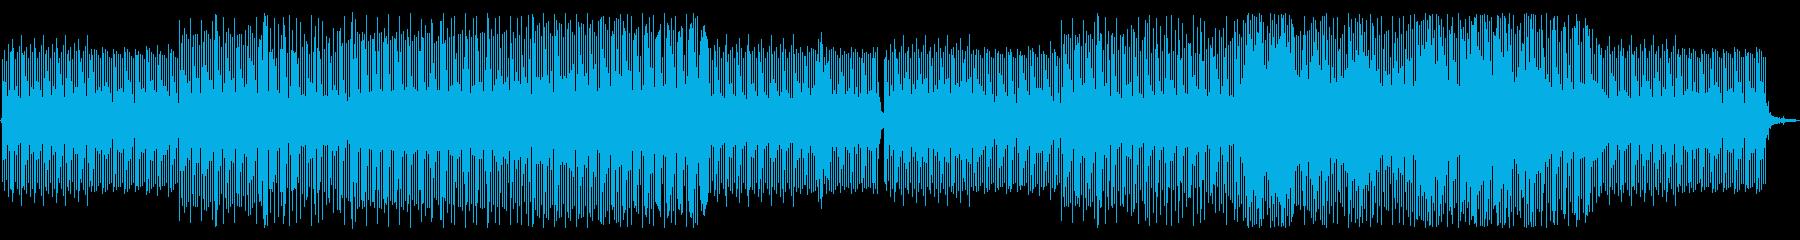 【激しい心理戦や推理】緊張感あるピアノの再生済みの波形